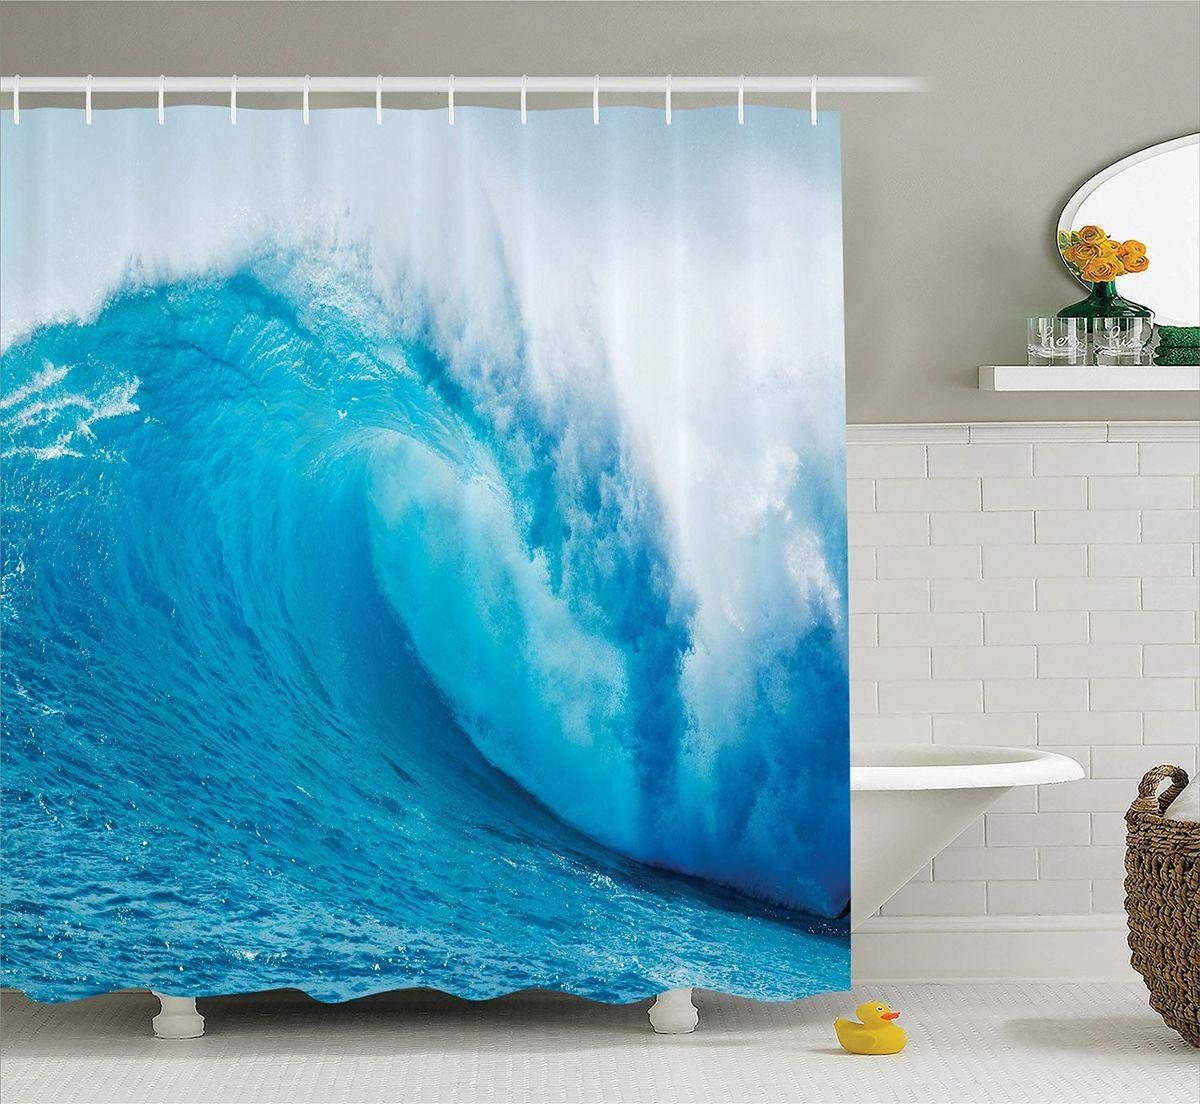 Штора для ванной комнаты Magic Lady Голубая волна, 180 х 200 см57901Штора Magic Lady Голубая волна, изготовленная из высококачественного сатена (полиэстер 100%), отлично дополнит любой интерьер ванной комнаты. При изготовлении используются специальные гипоаллергенные чернила для прямой печати по ткани, безопасные для человека.В комплекте: 1 штора, 12 крючков. Обращаем ваше внимание, фактический цвет изделия может незначительно отличаться от представленного на фото.